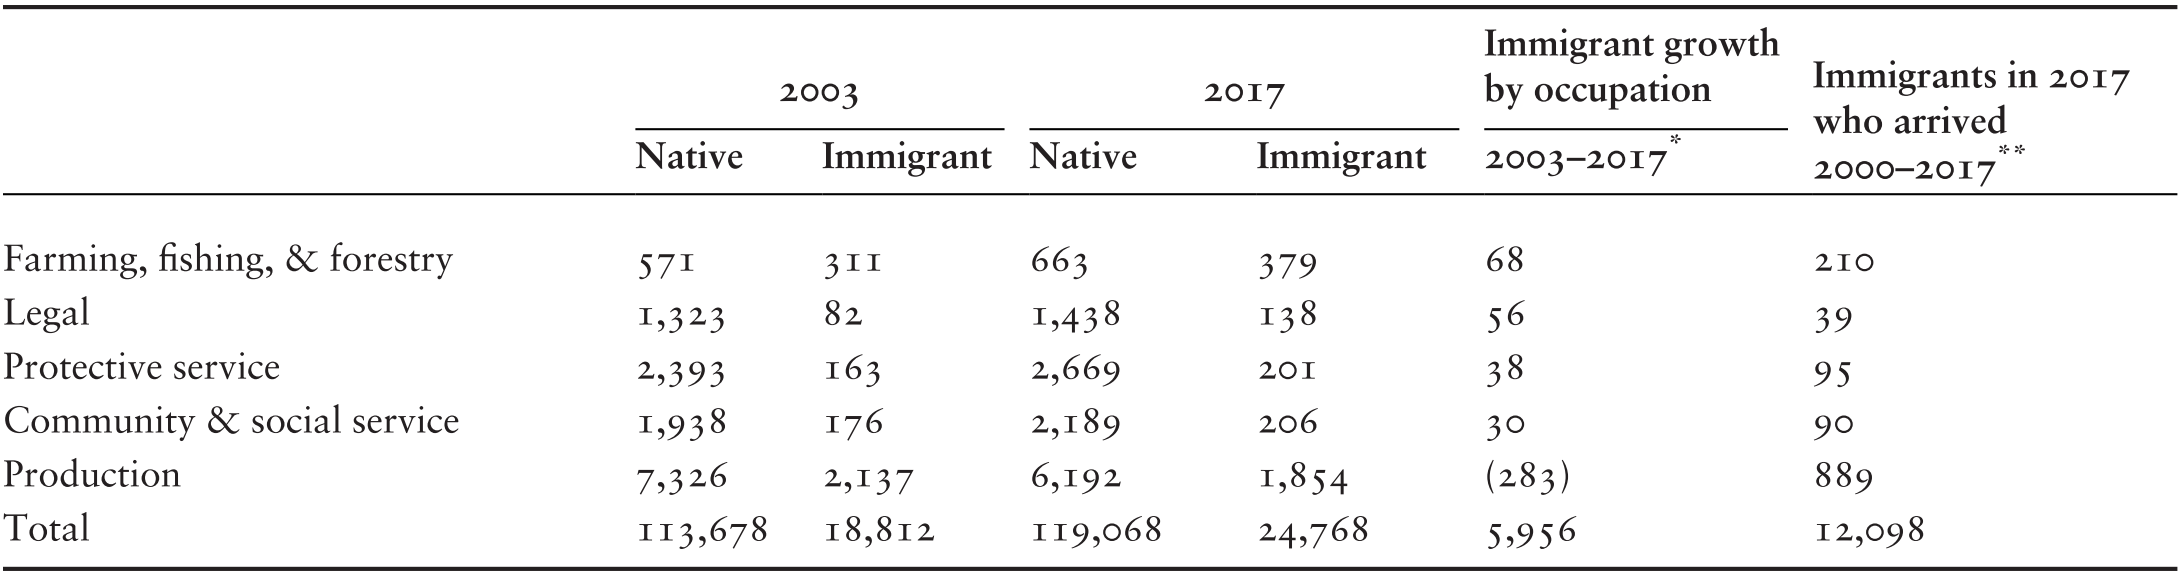 Economics, Demographics, and Race (Part I) - Debating